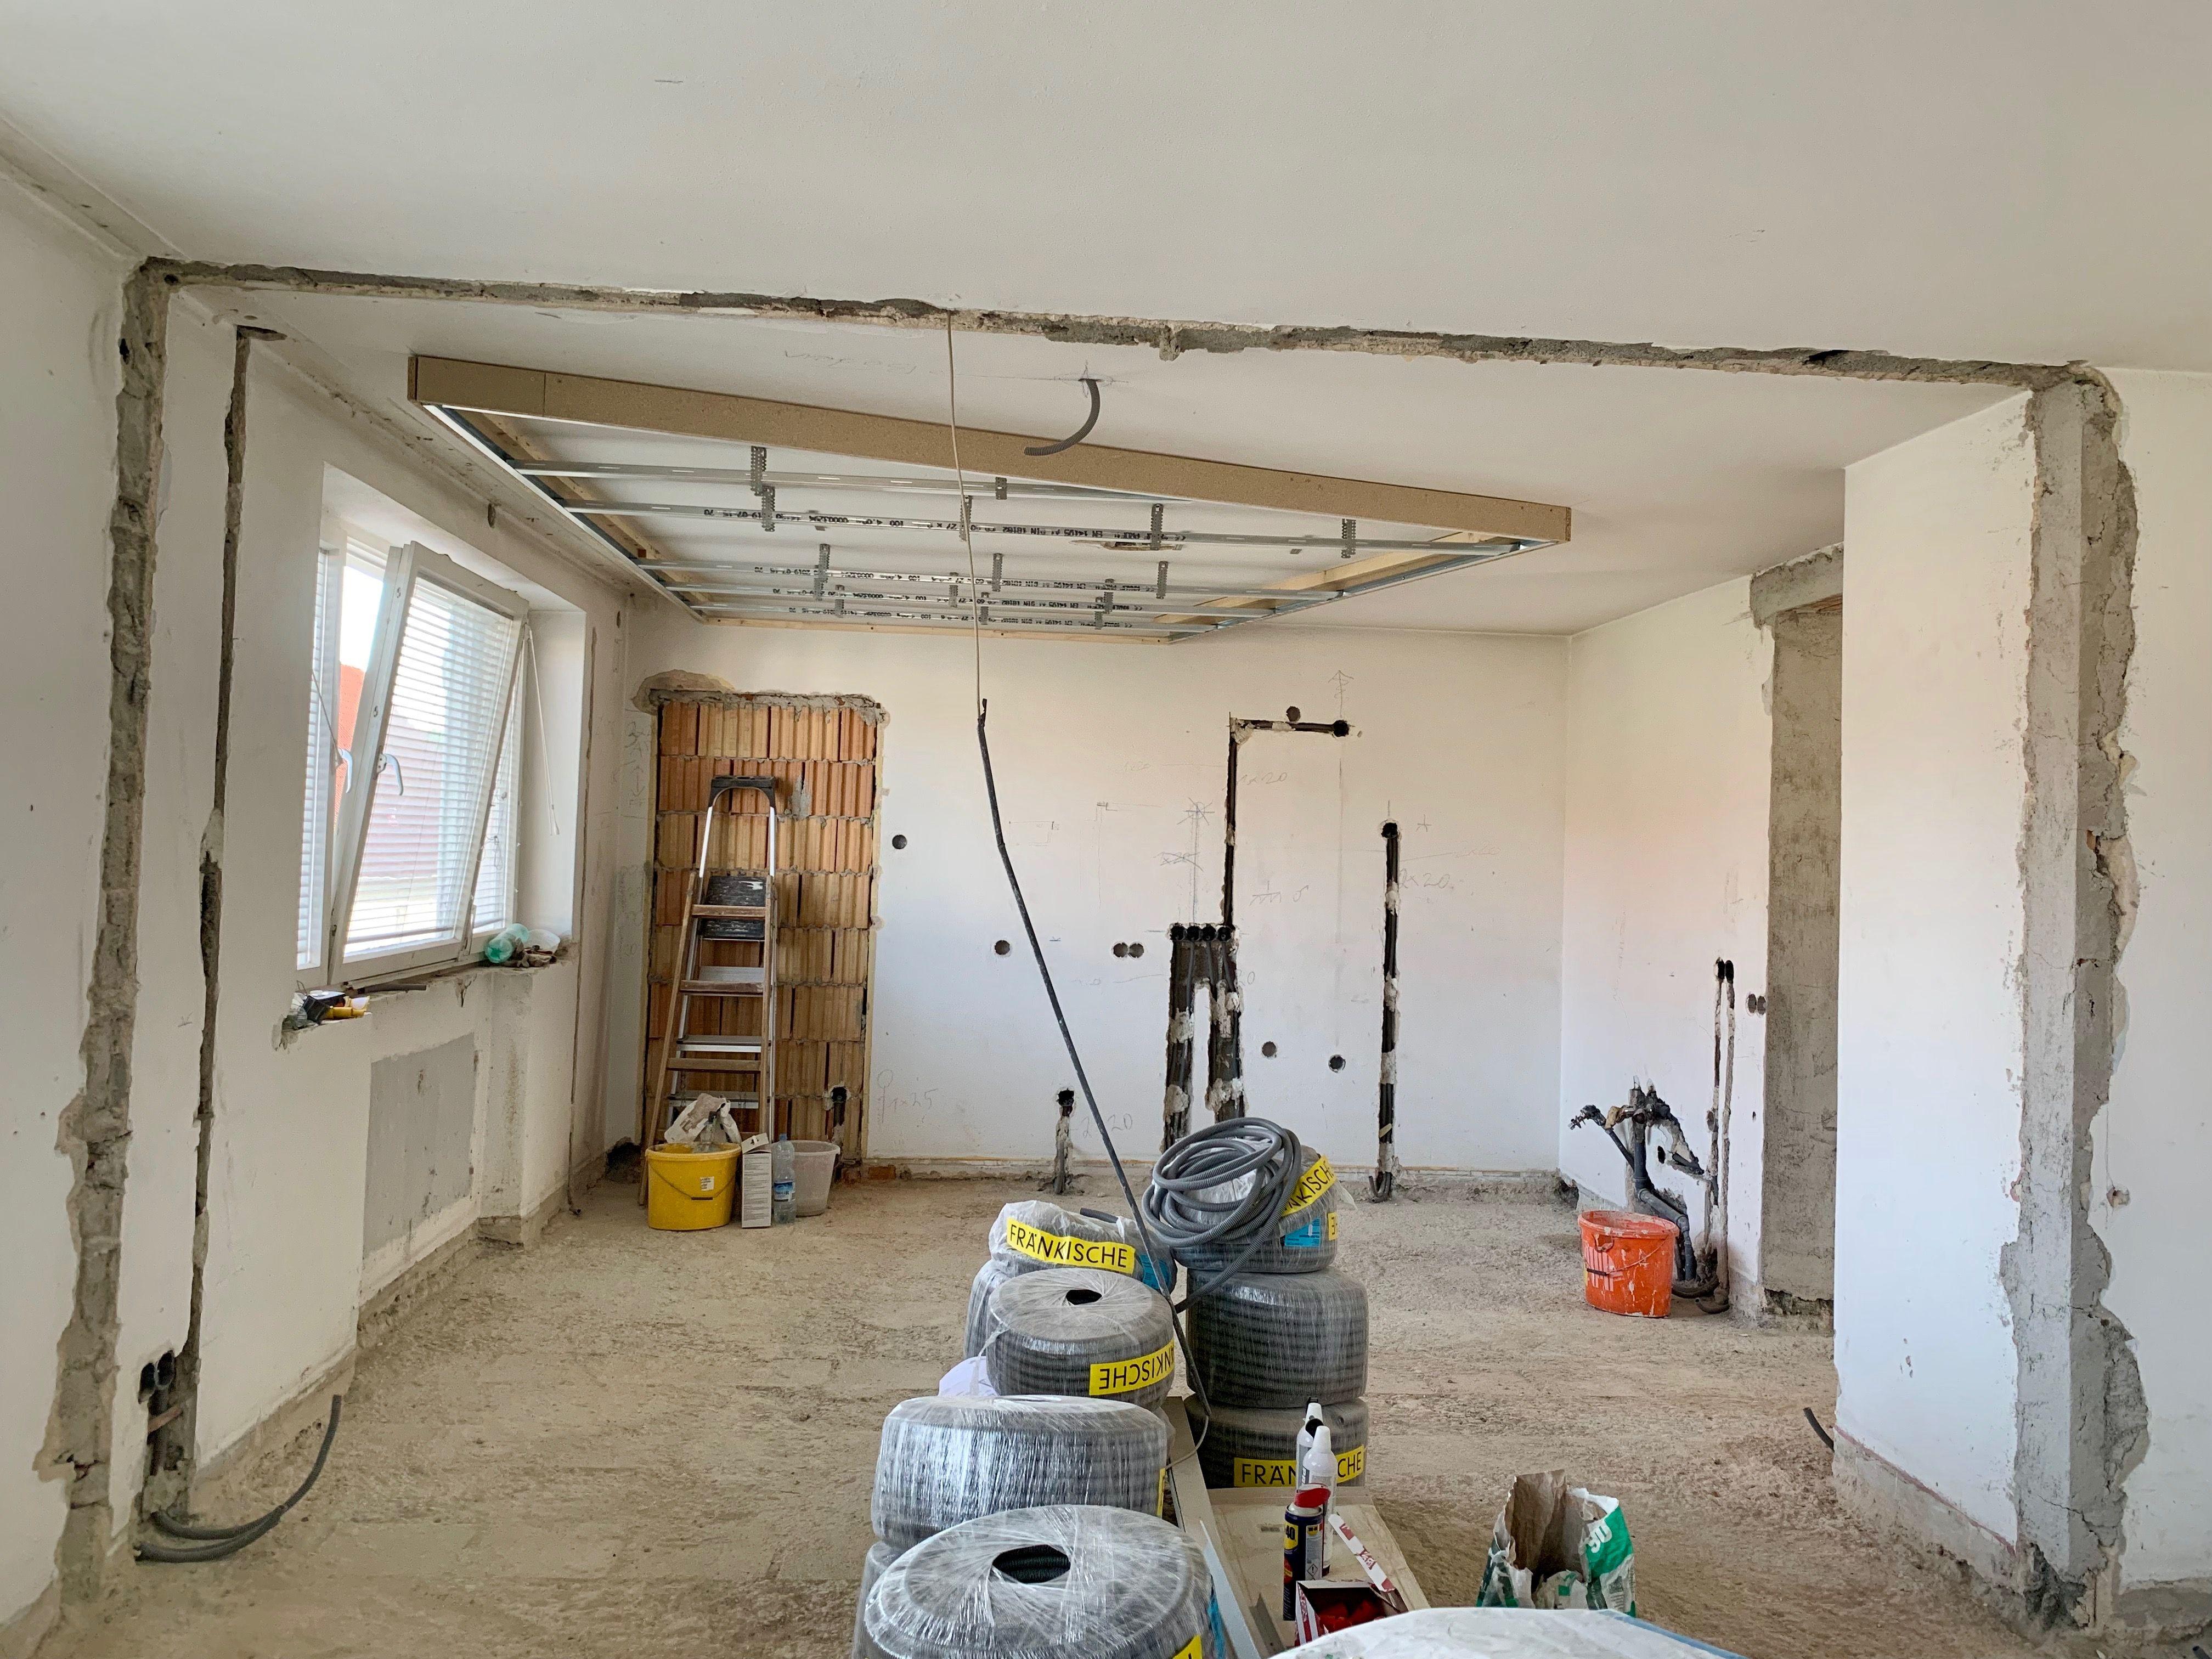 IMG 3745 - Wie man alten Häusern neues Leben einhaucht